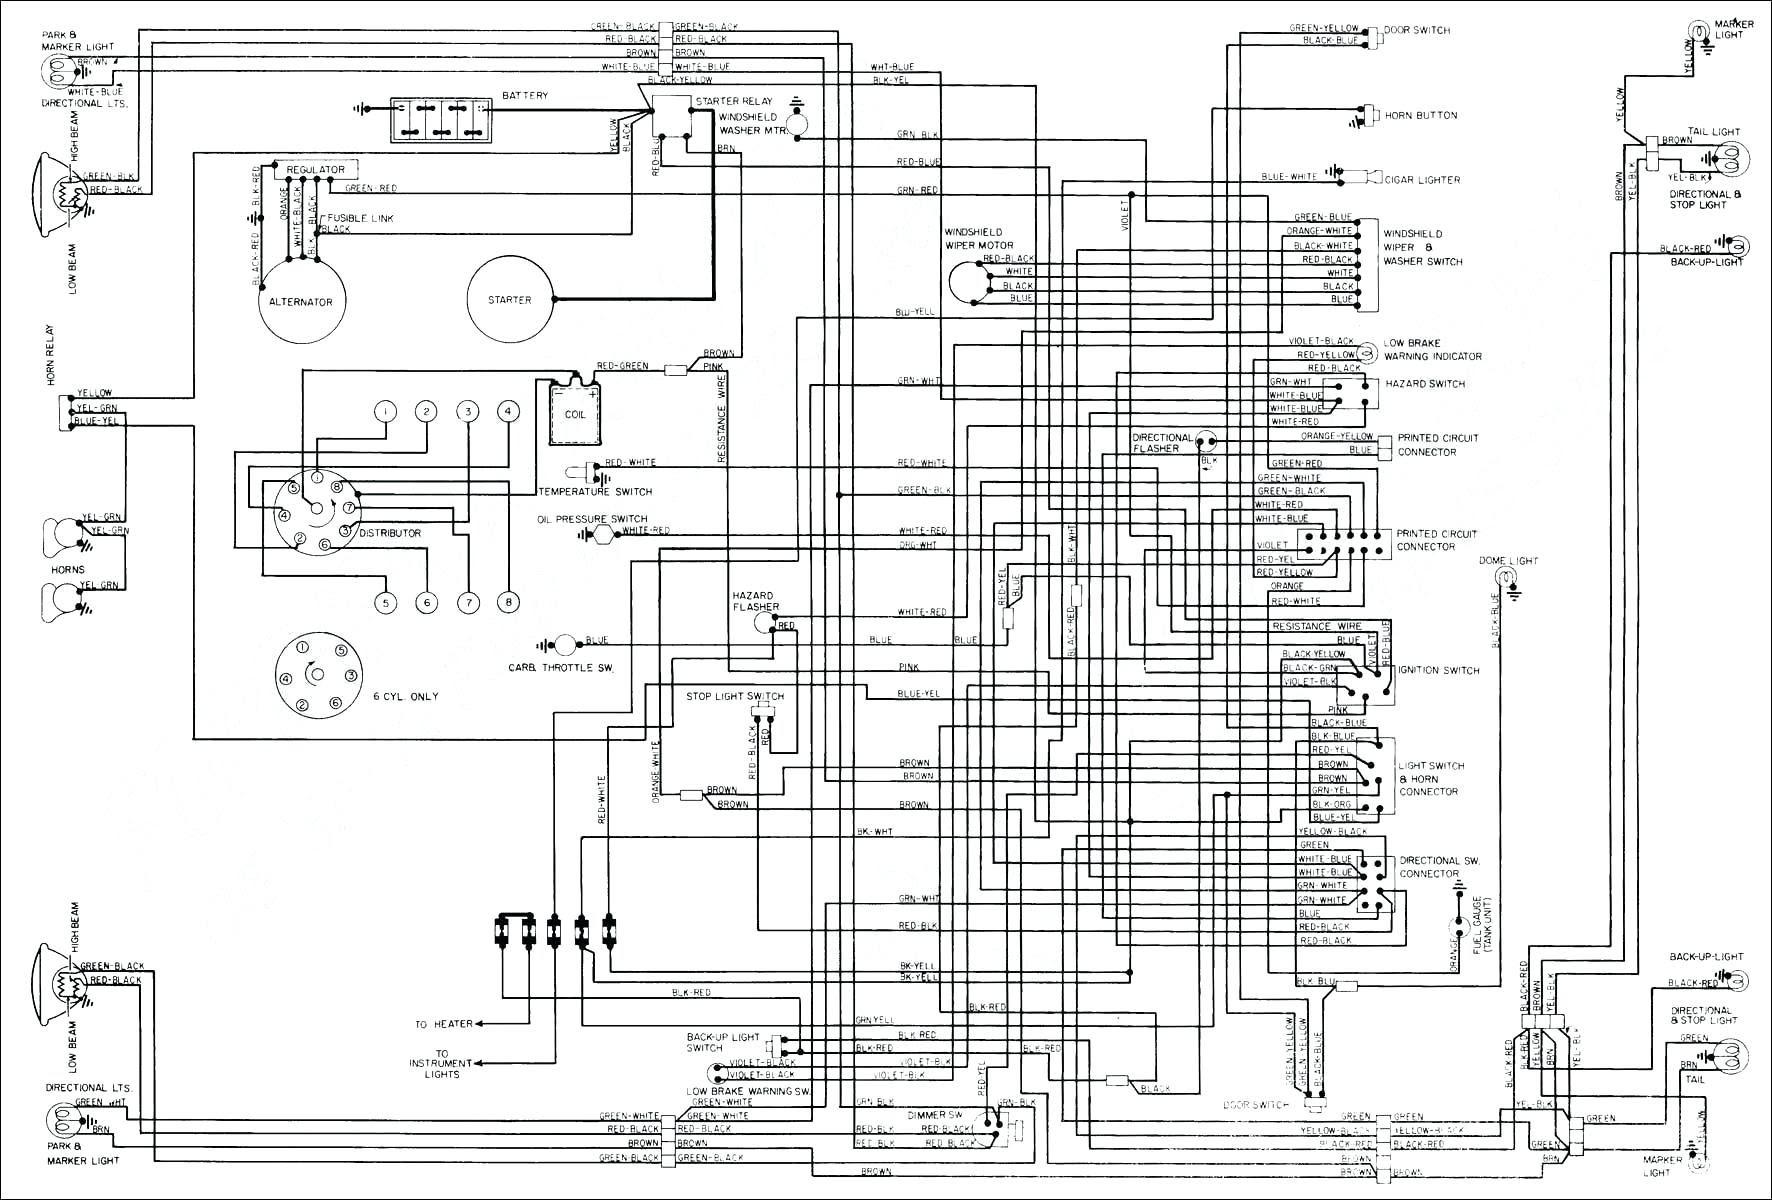 DIAGRAM] 1993 Yamaha Phazer Wiring Diagram FULL Version HD Quality Wiring  Diagram - HITEKPROGRAMMINGINC.ACTIVITES-LAC-AIGUEBELETTE.FRhitekprogramminginc.activites-lac-aiguebelette.fr